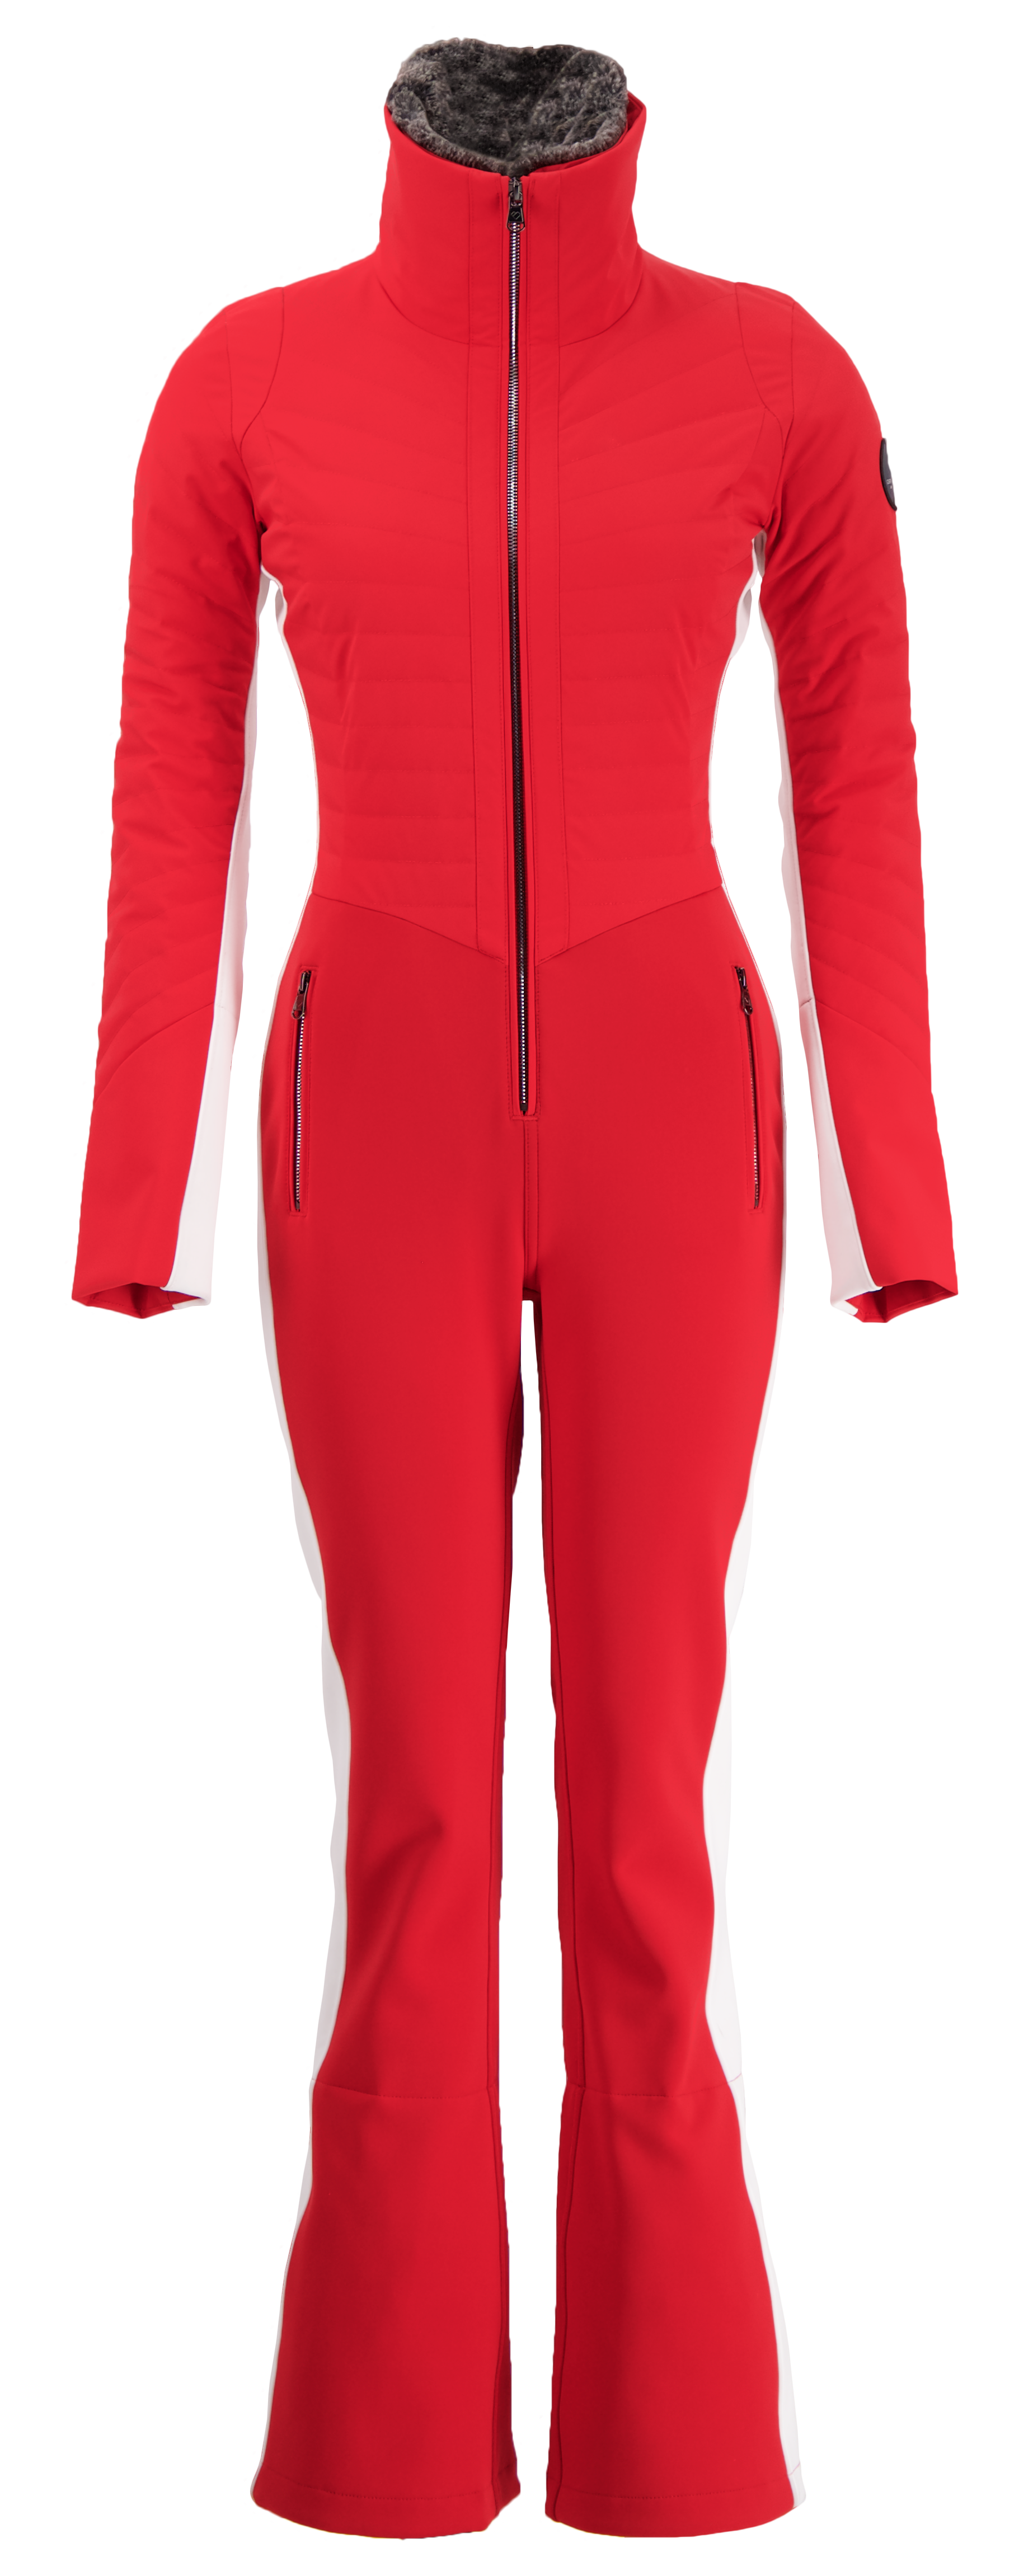 skn082901-snowbird powder skier